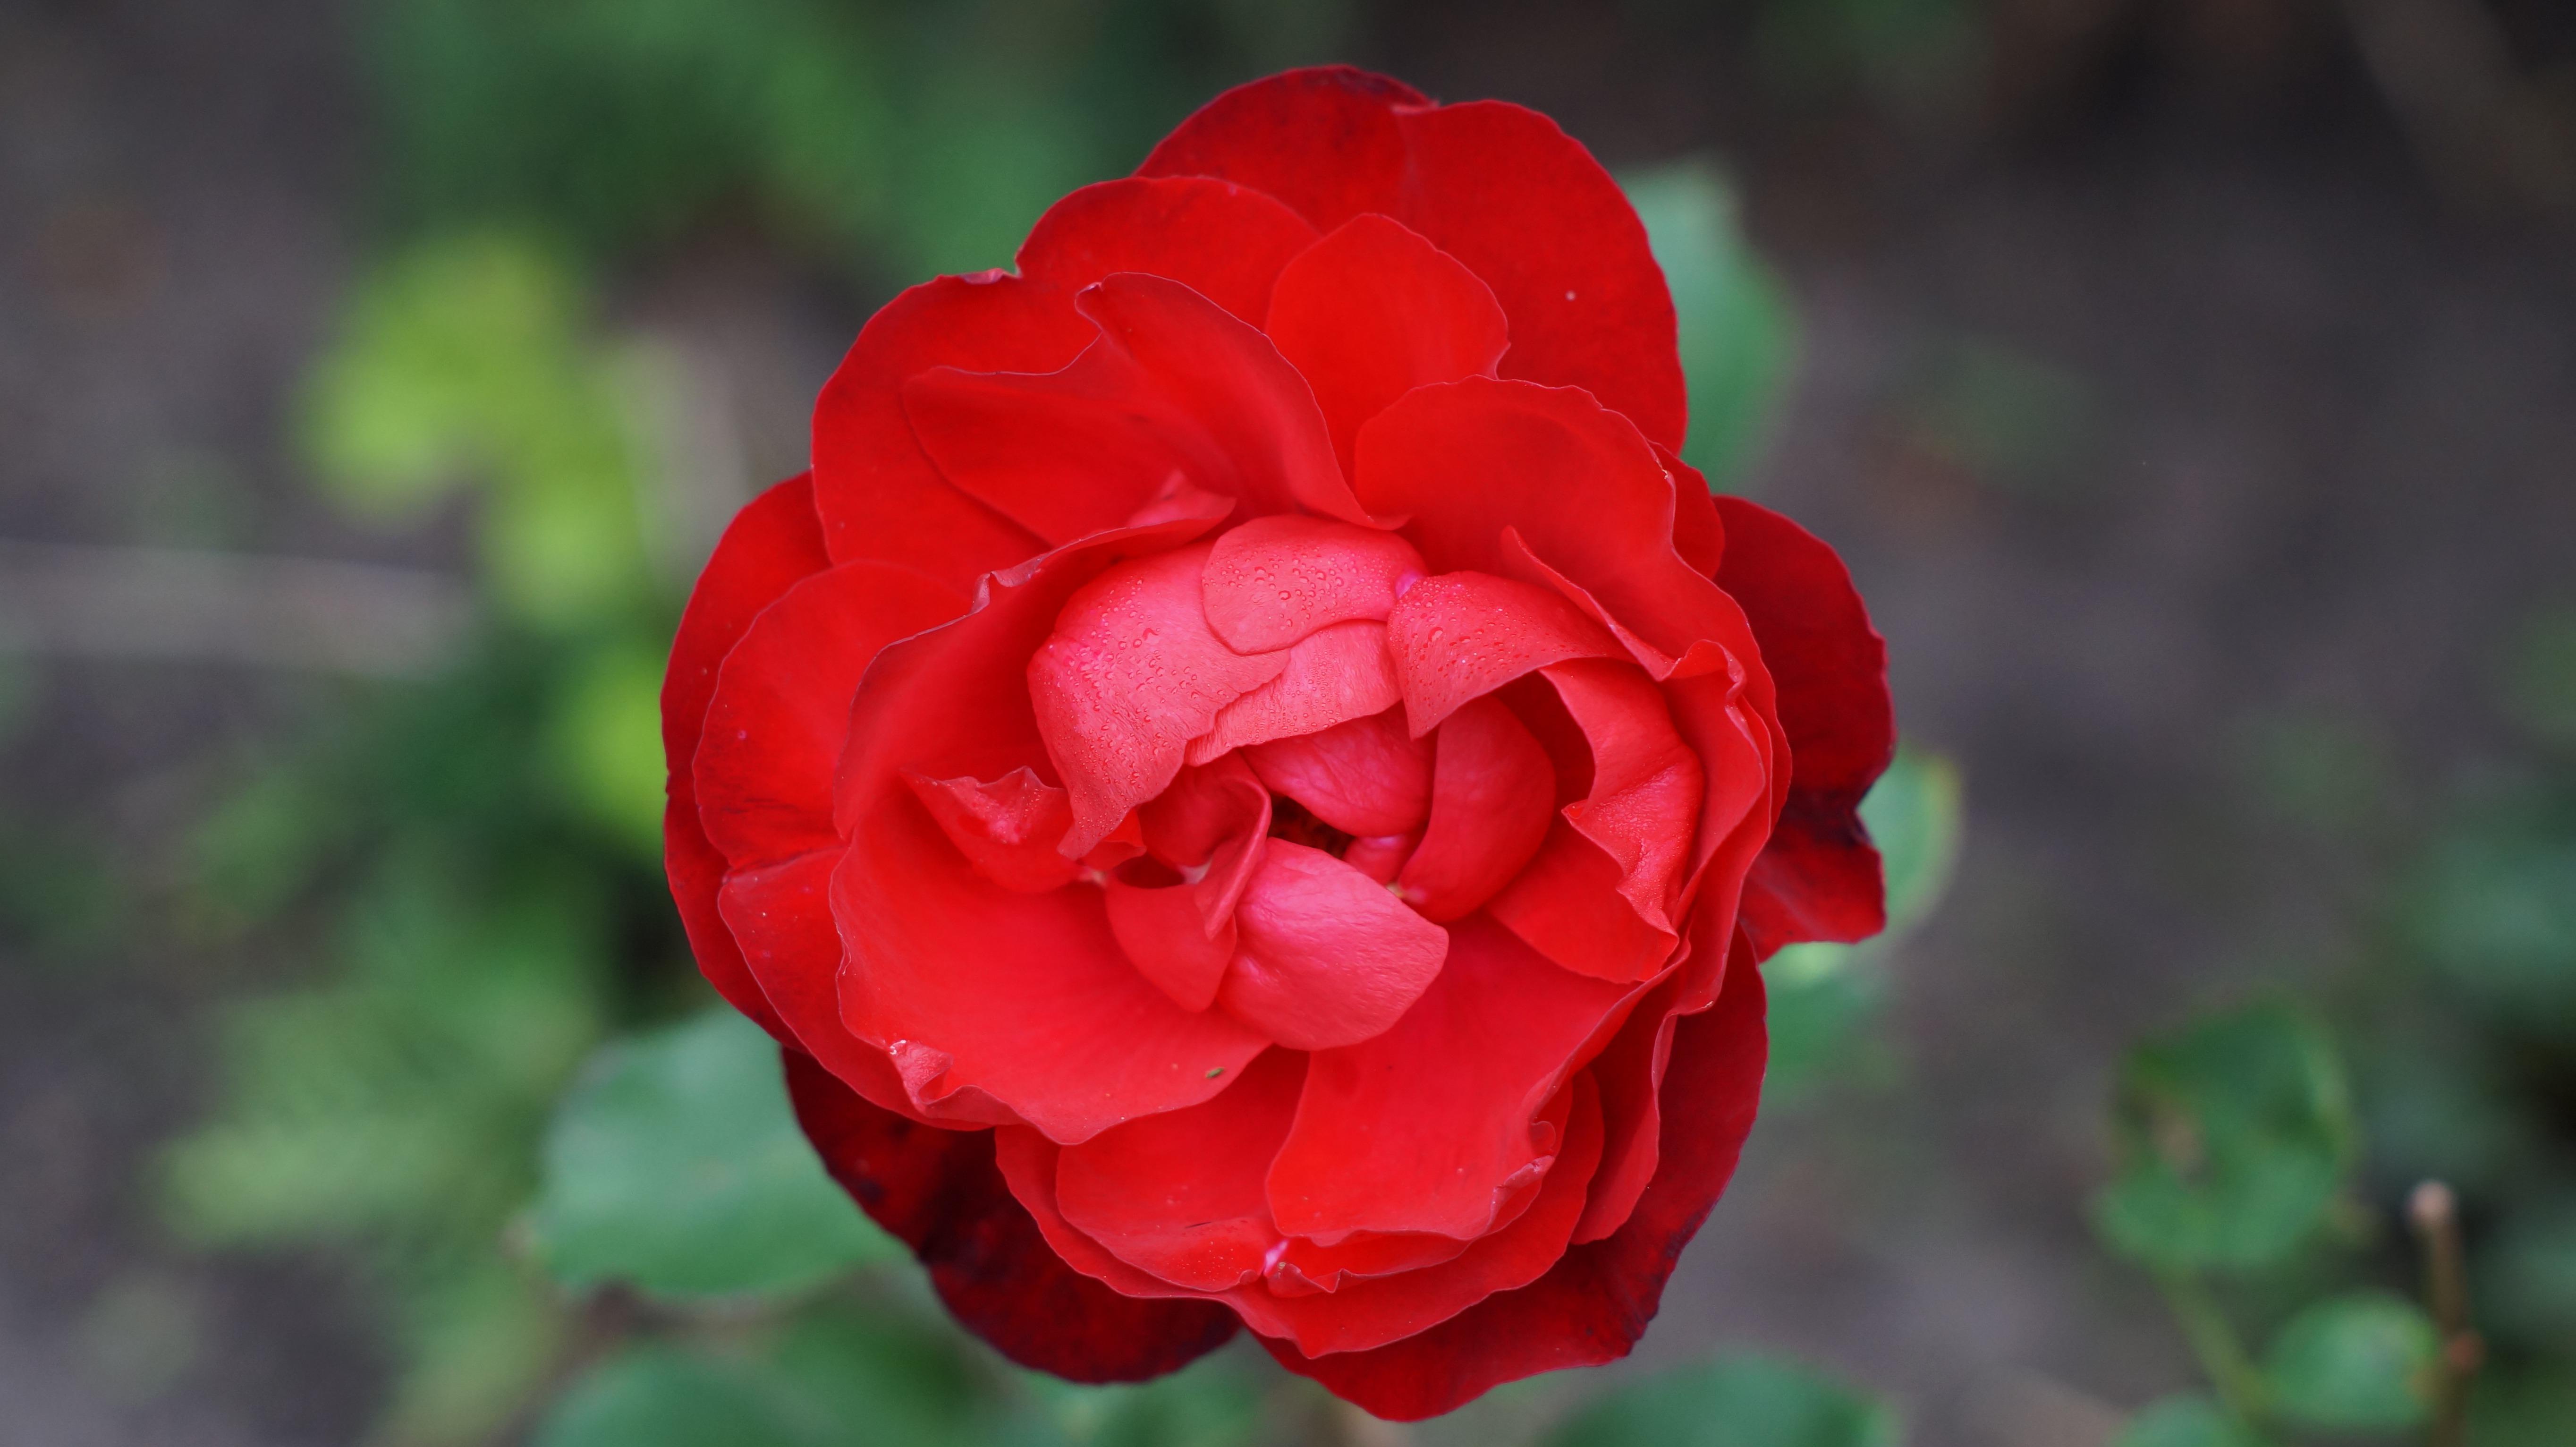 images gratuites : la nature, fleur, pétale, rouge, flore, flash